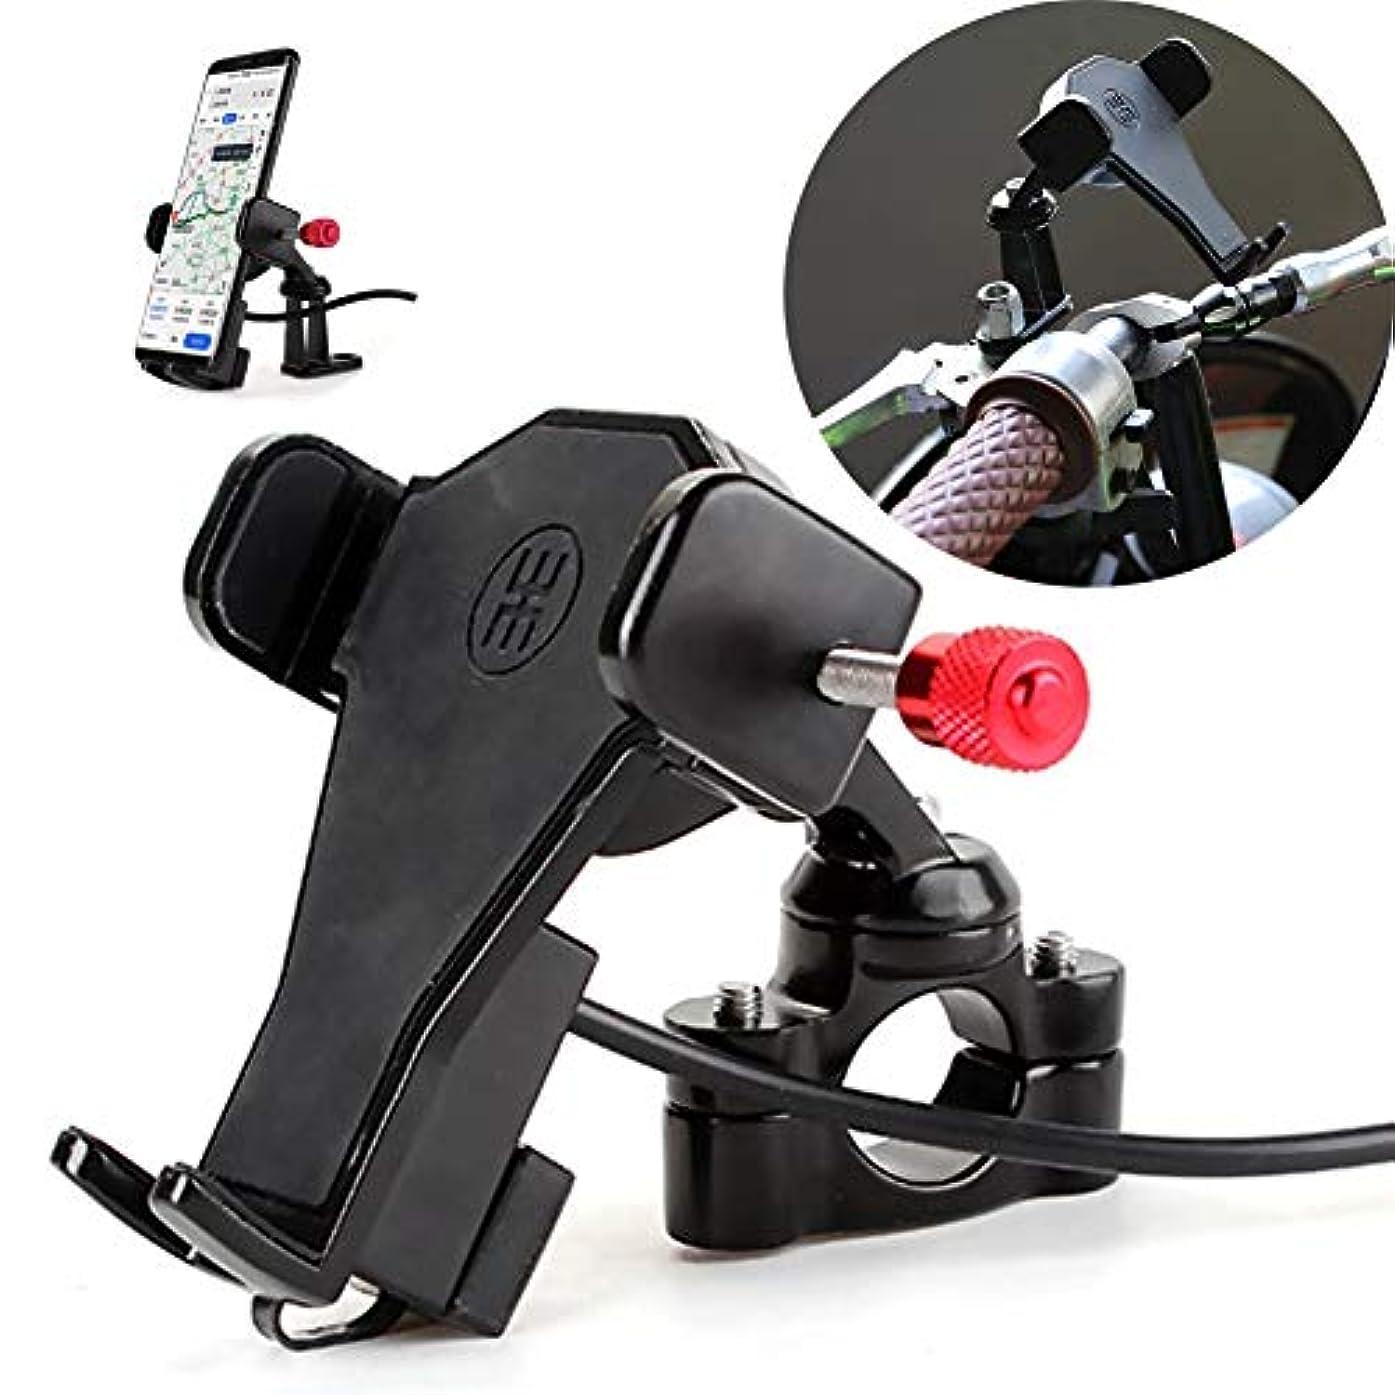 プレゼン閉じ込める納屋自転車オートバイ携帯電話マウントホルダー - USB充電器付き360度回転、3.5-6.6インチ電話に適しています、あらゆるスマートフォンGPS用 - ユニバーサルマウンテンロードバイクオートバイ